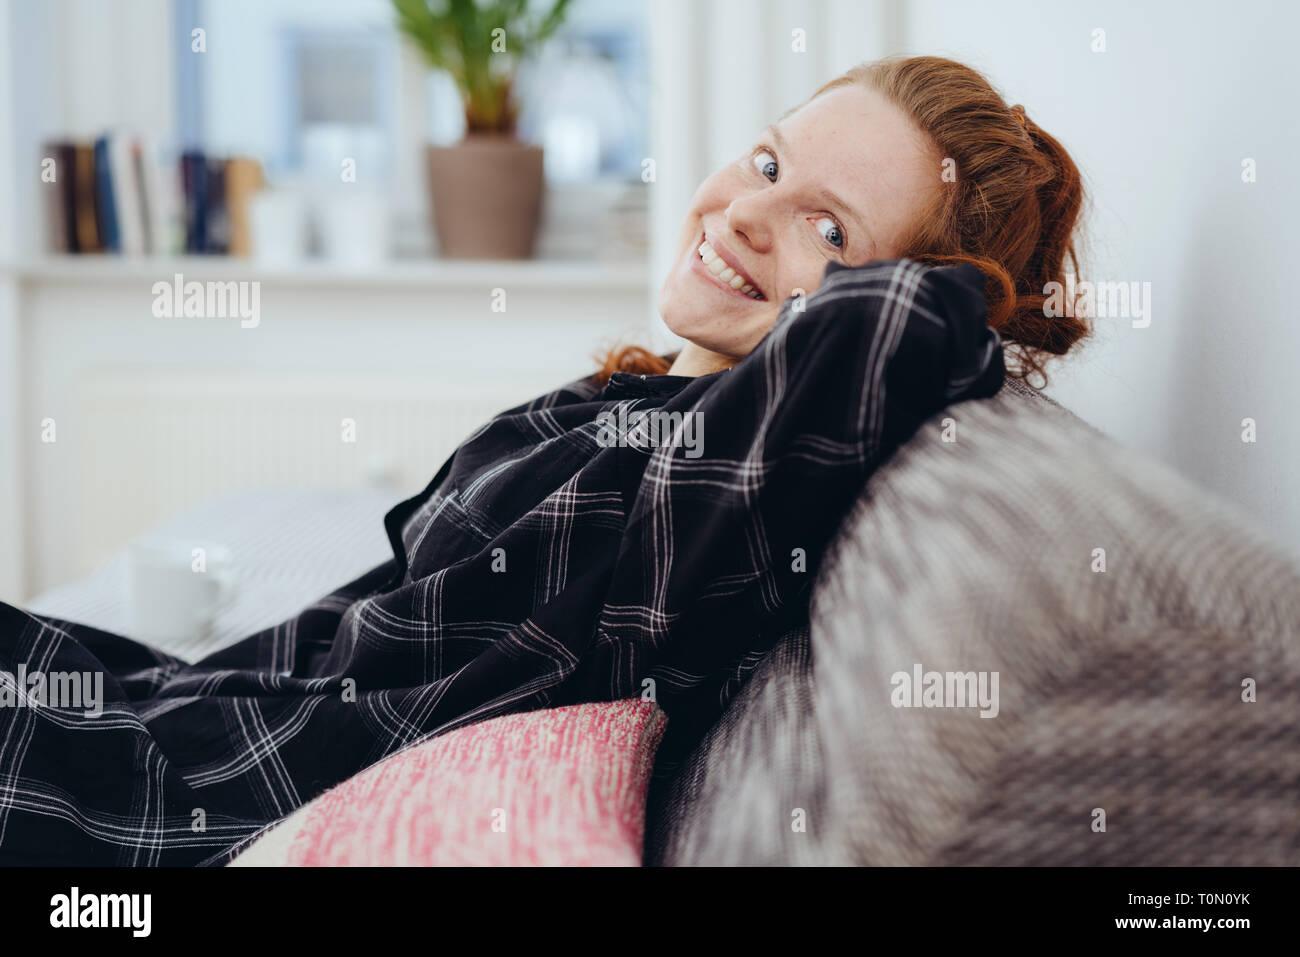 Gerne freundliche junge rothaarige Frau entspannt auf einem Sofa mit der Kamera mit einem schönen warmen Lächeln zu suchen Stockfoto